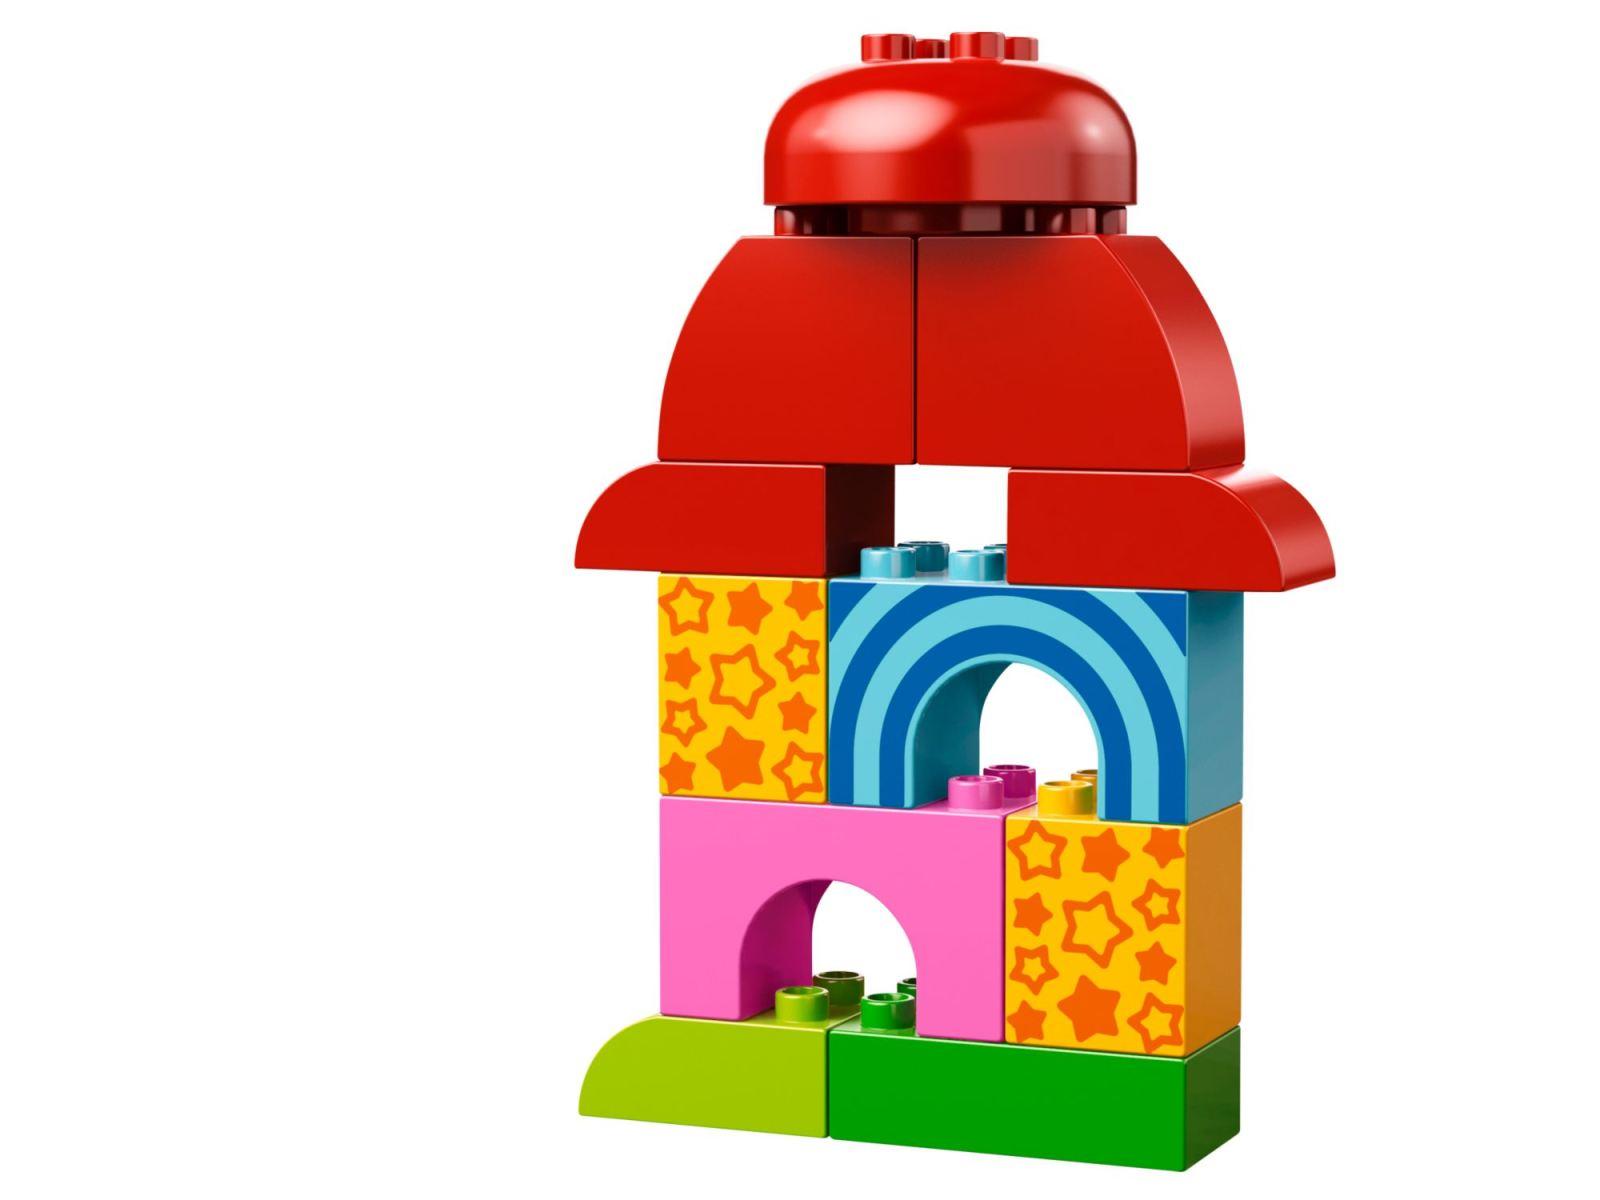 Lego 10561